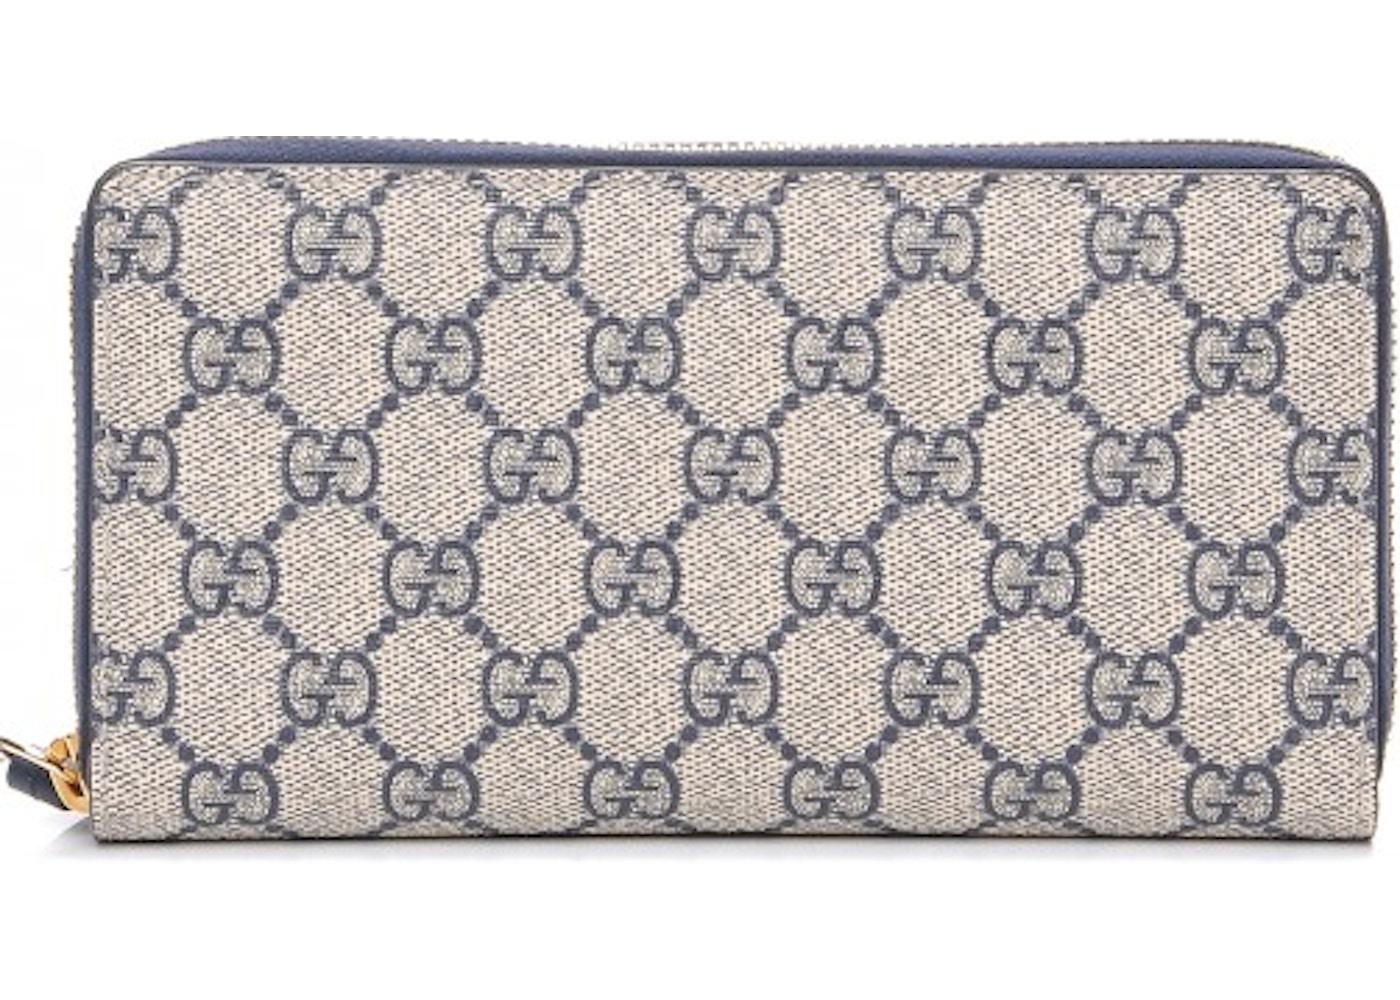 9c4c646f443380 Gucci Zip Around Wallet Monogram GG Supreme Blue/Beige. Monogram GG Supreme  Blue/Beige